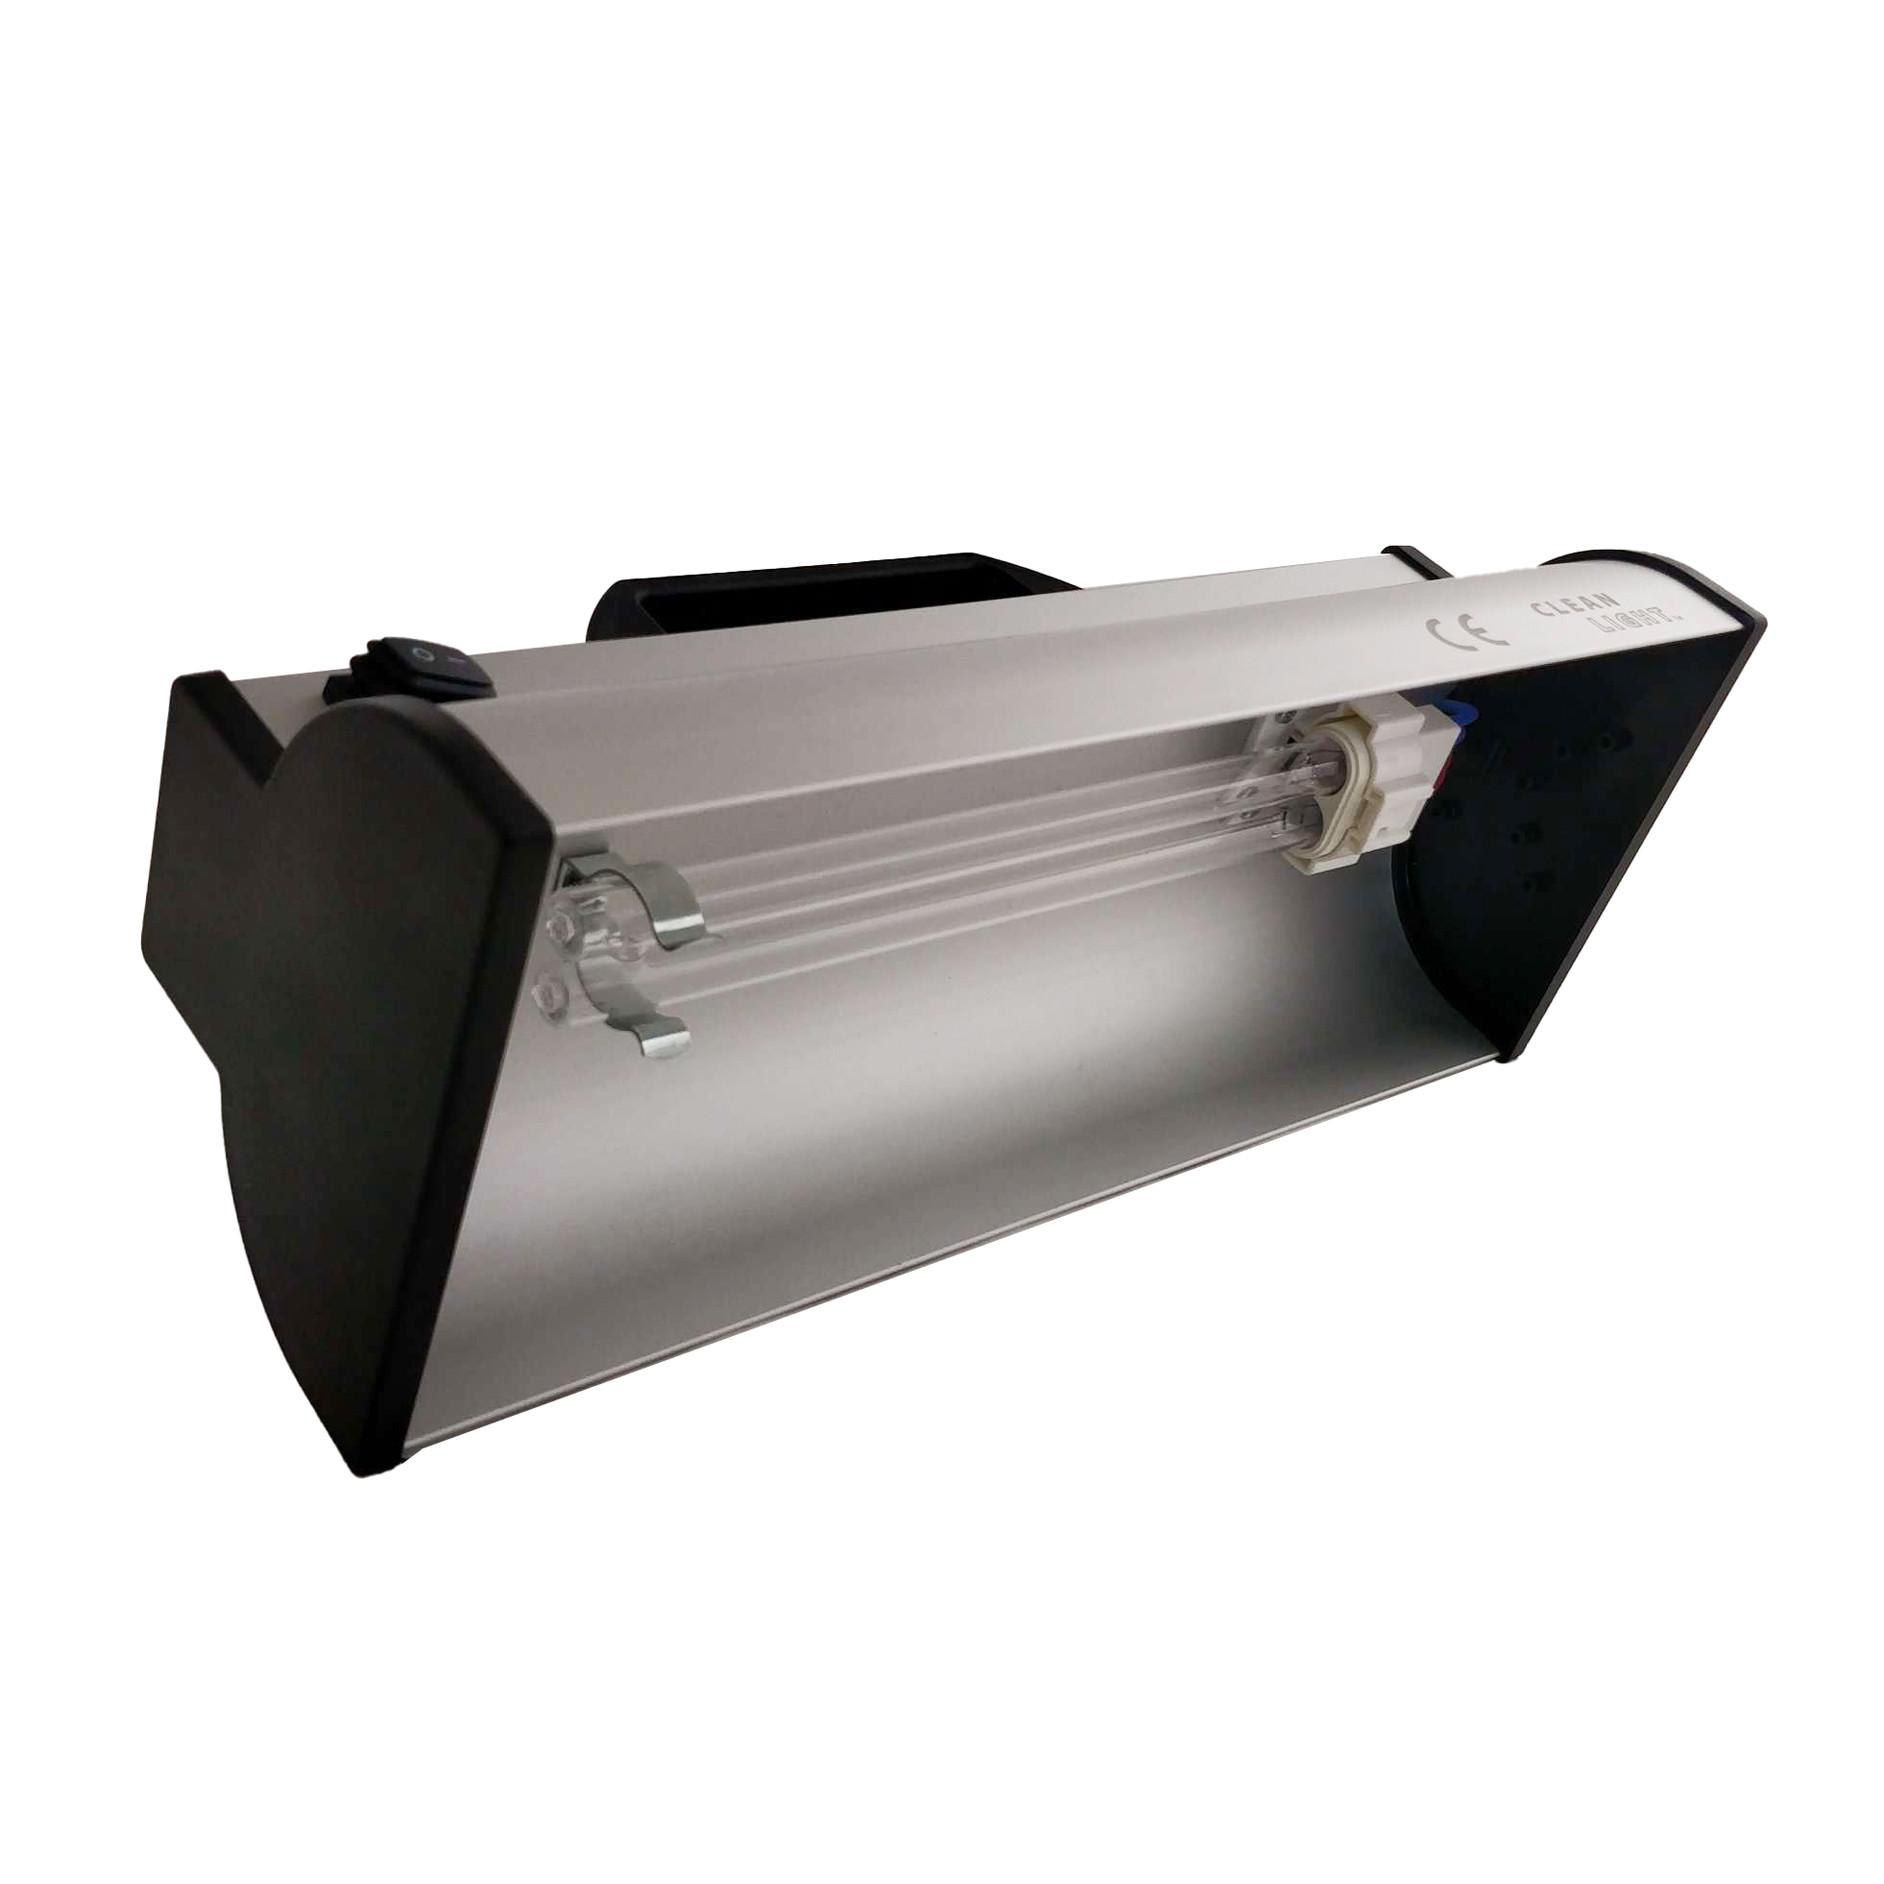 TUBE AERO BLANC 100X80MM 5 TROUS LONG. 1M